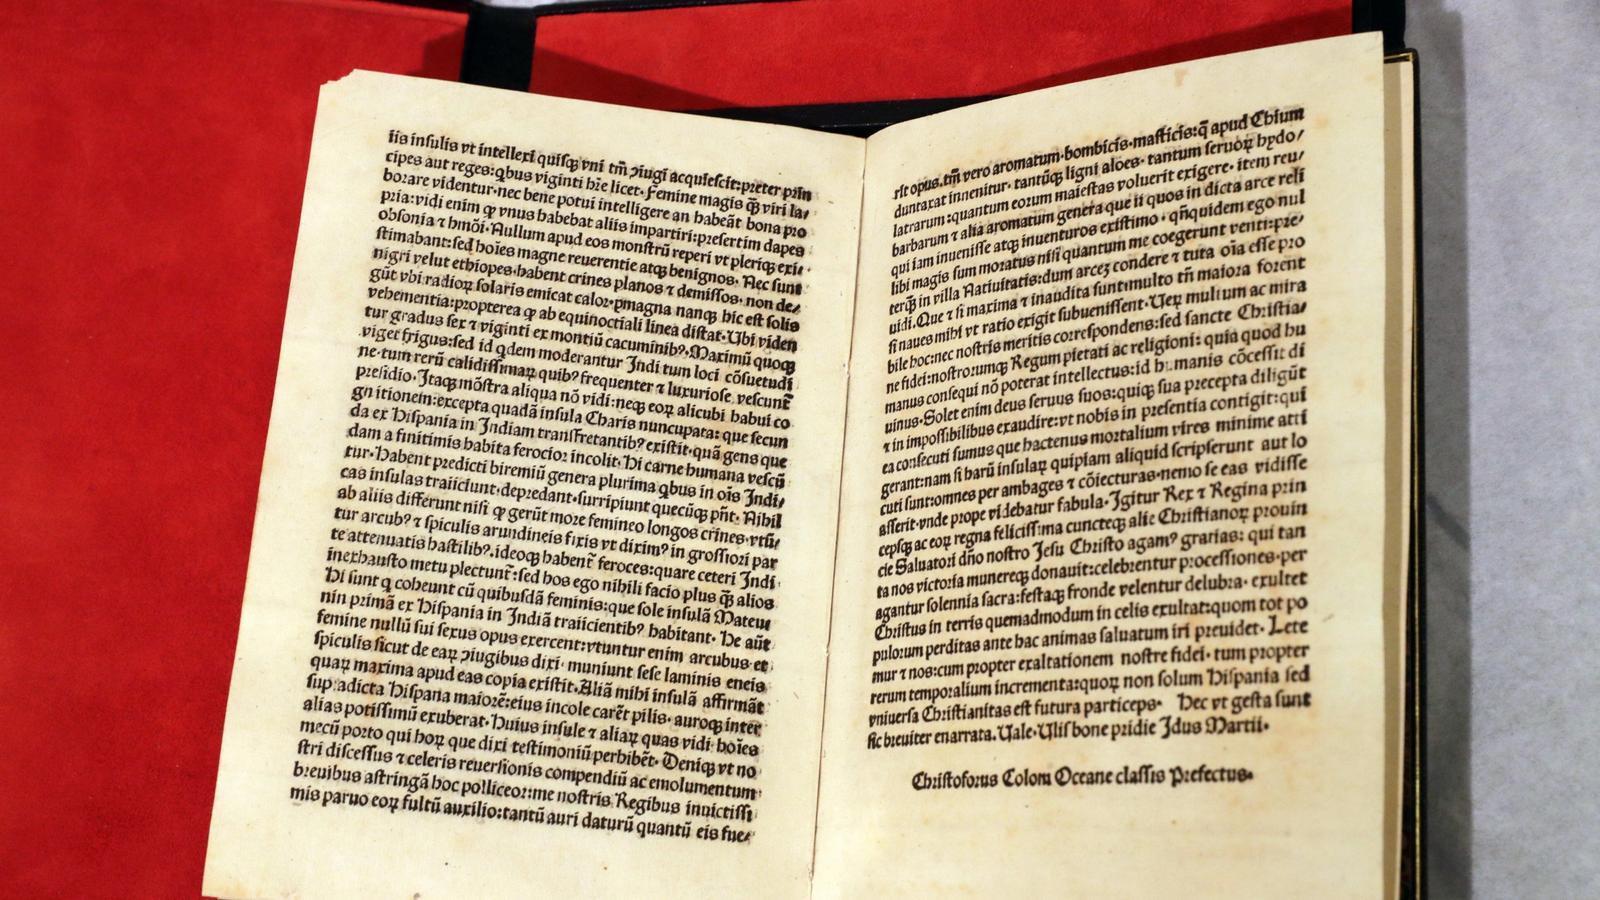 La carta de Colom robada a la Biblioteca de Catalunya